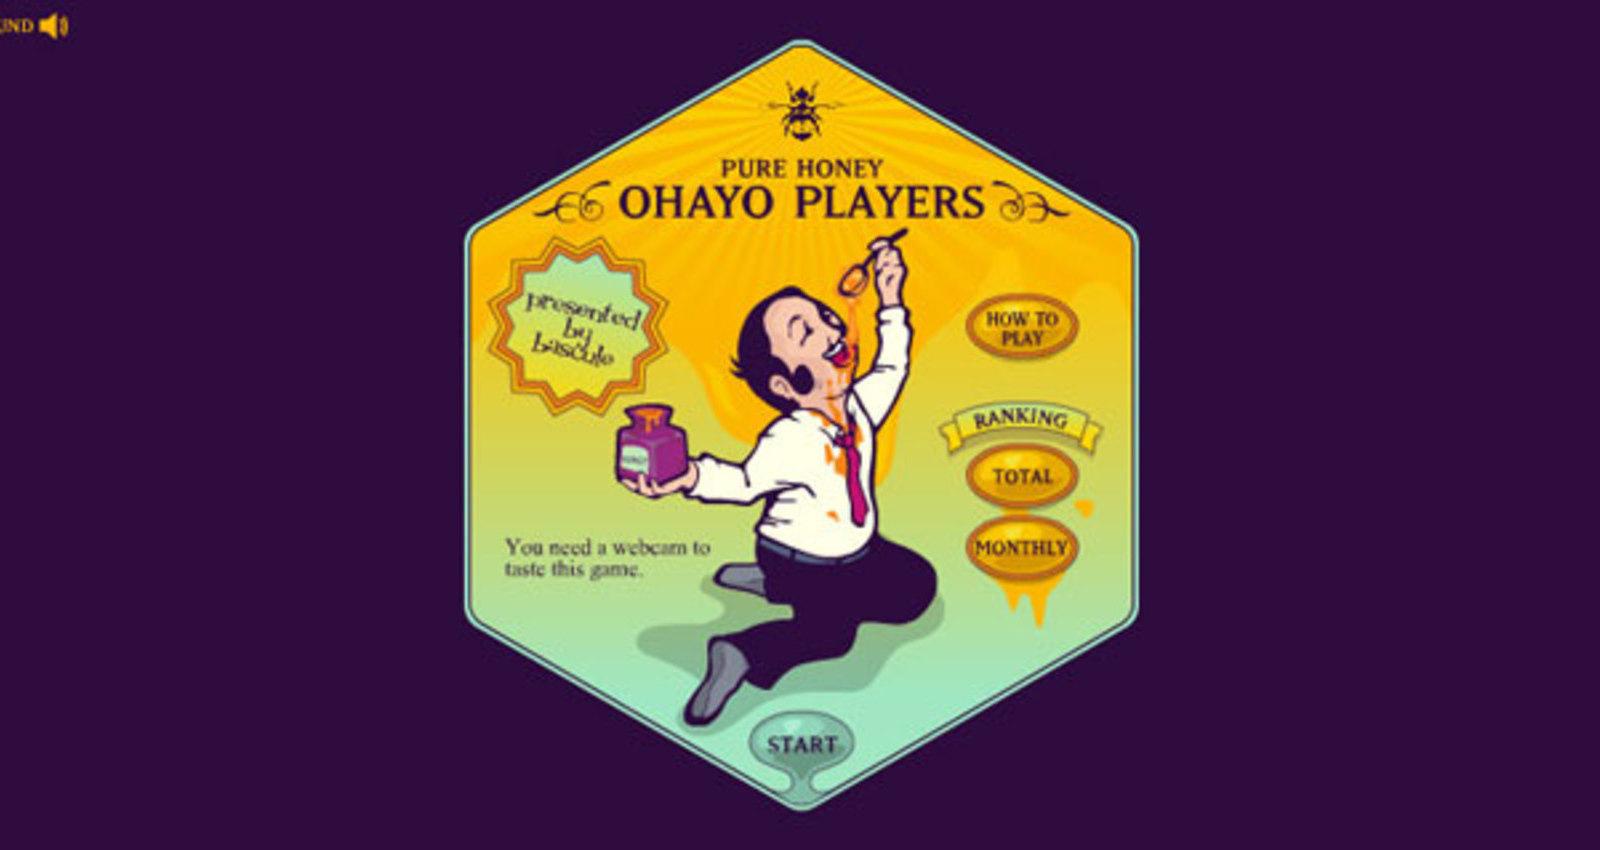 OHAYO PLAYERS